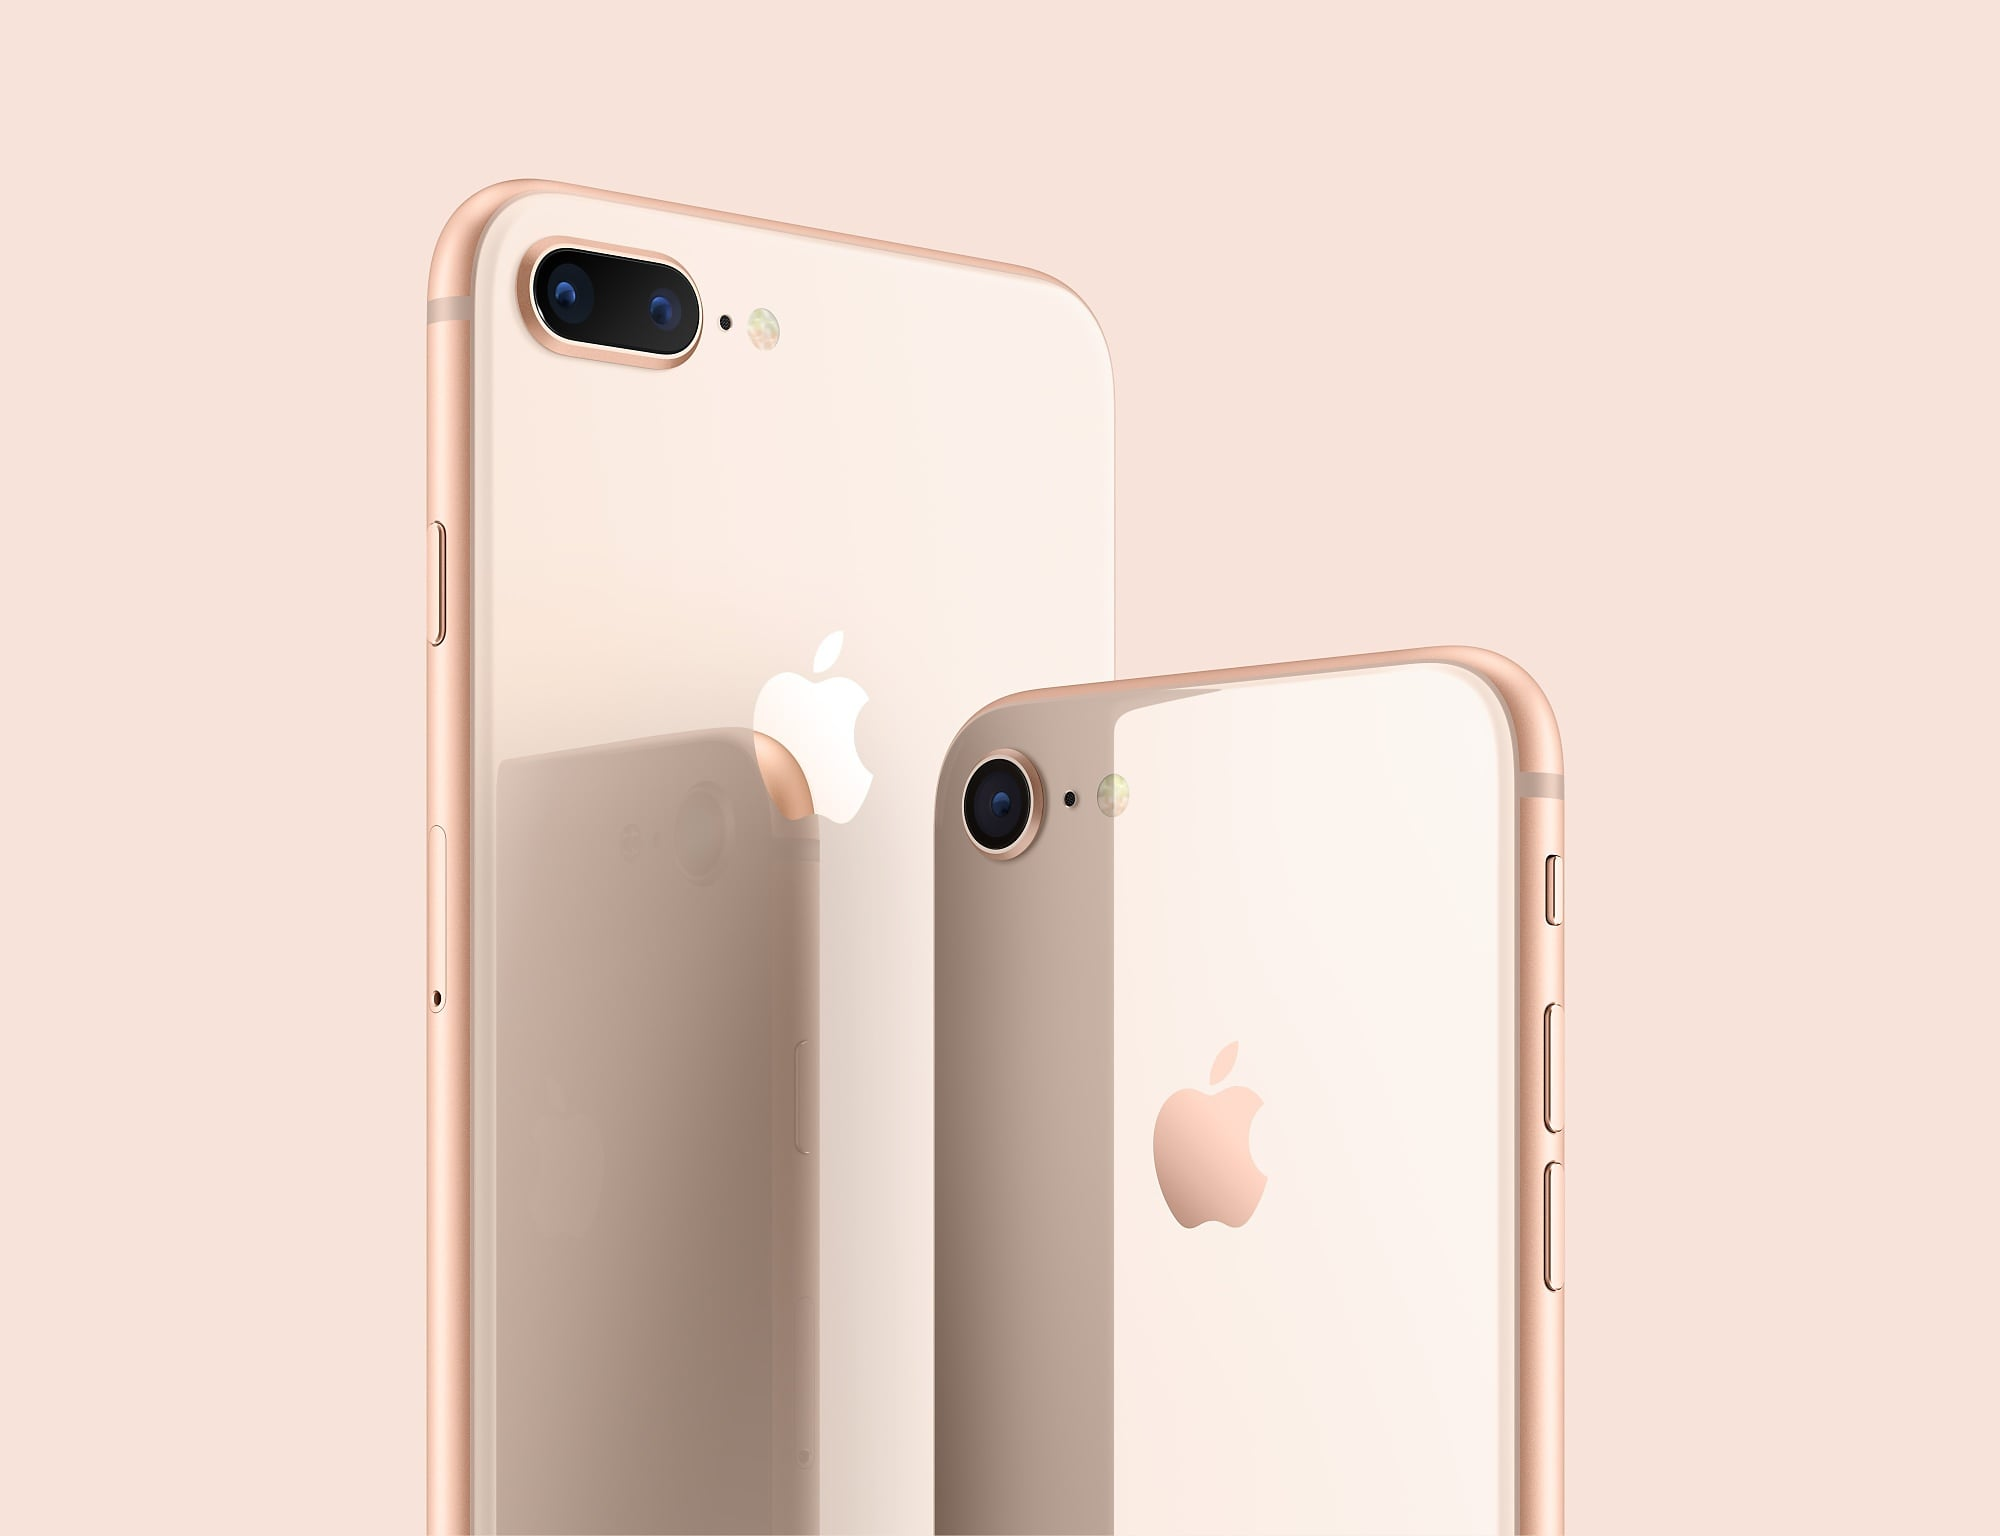 Apple obniżyło ceny iPhone'a XR oraz iPhone'ów 8 i 8 Plus 17